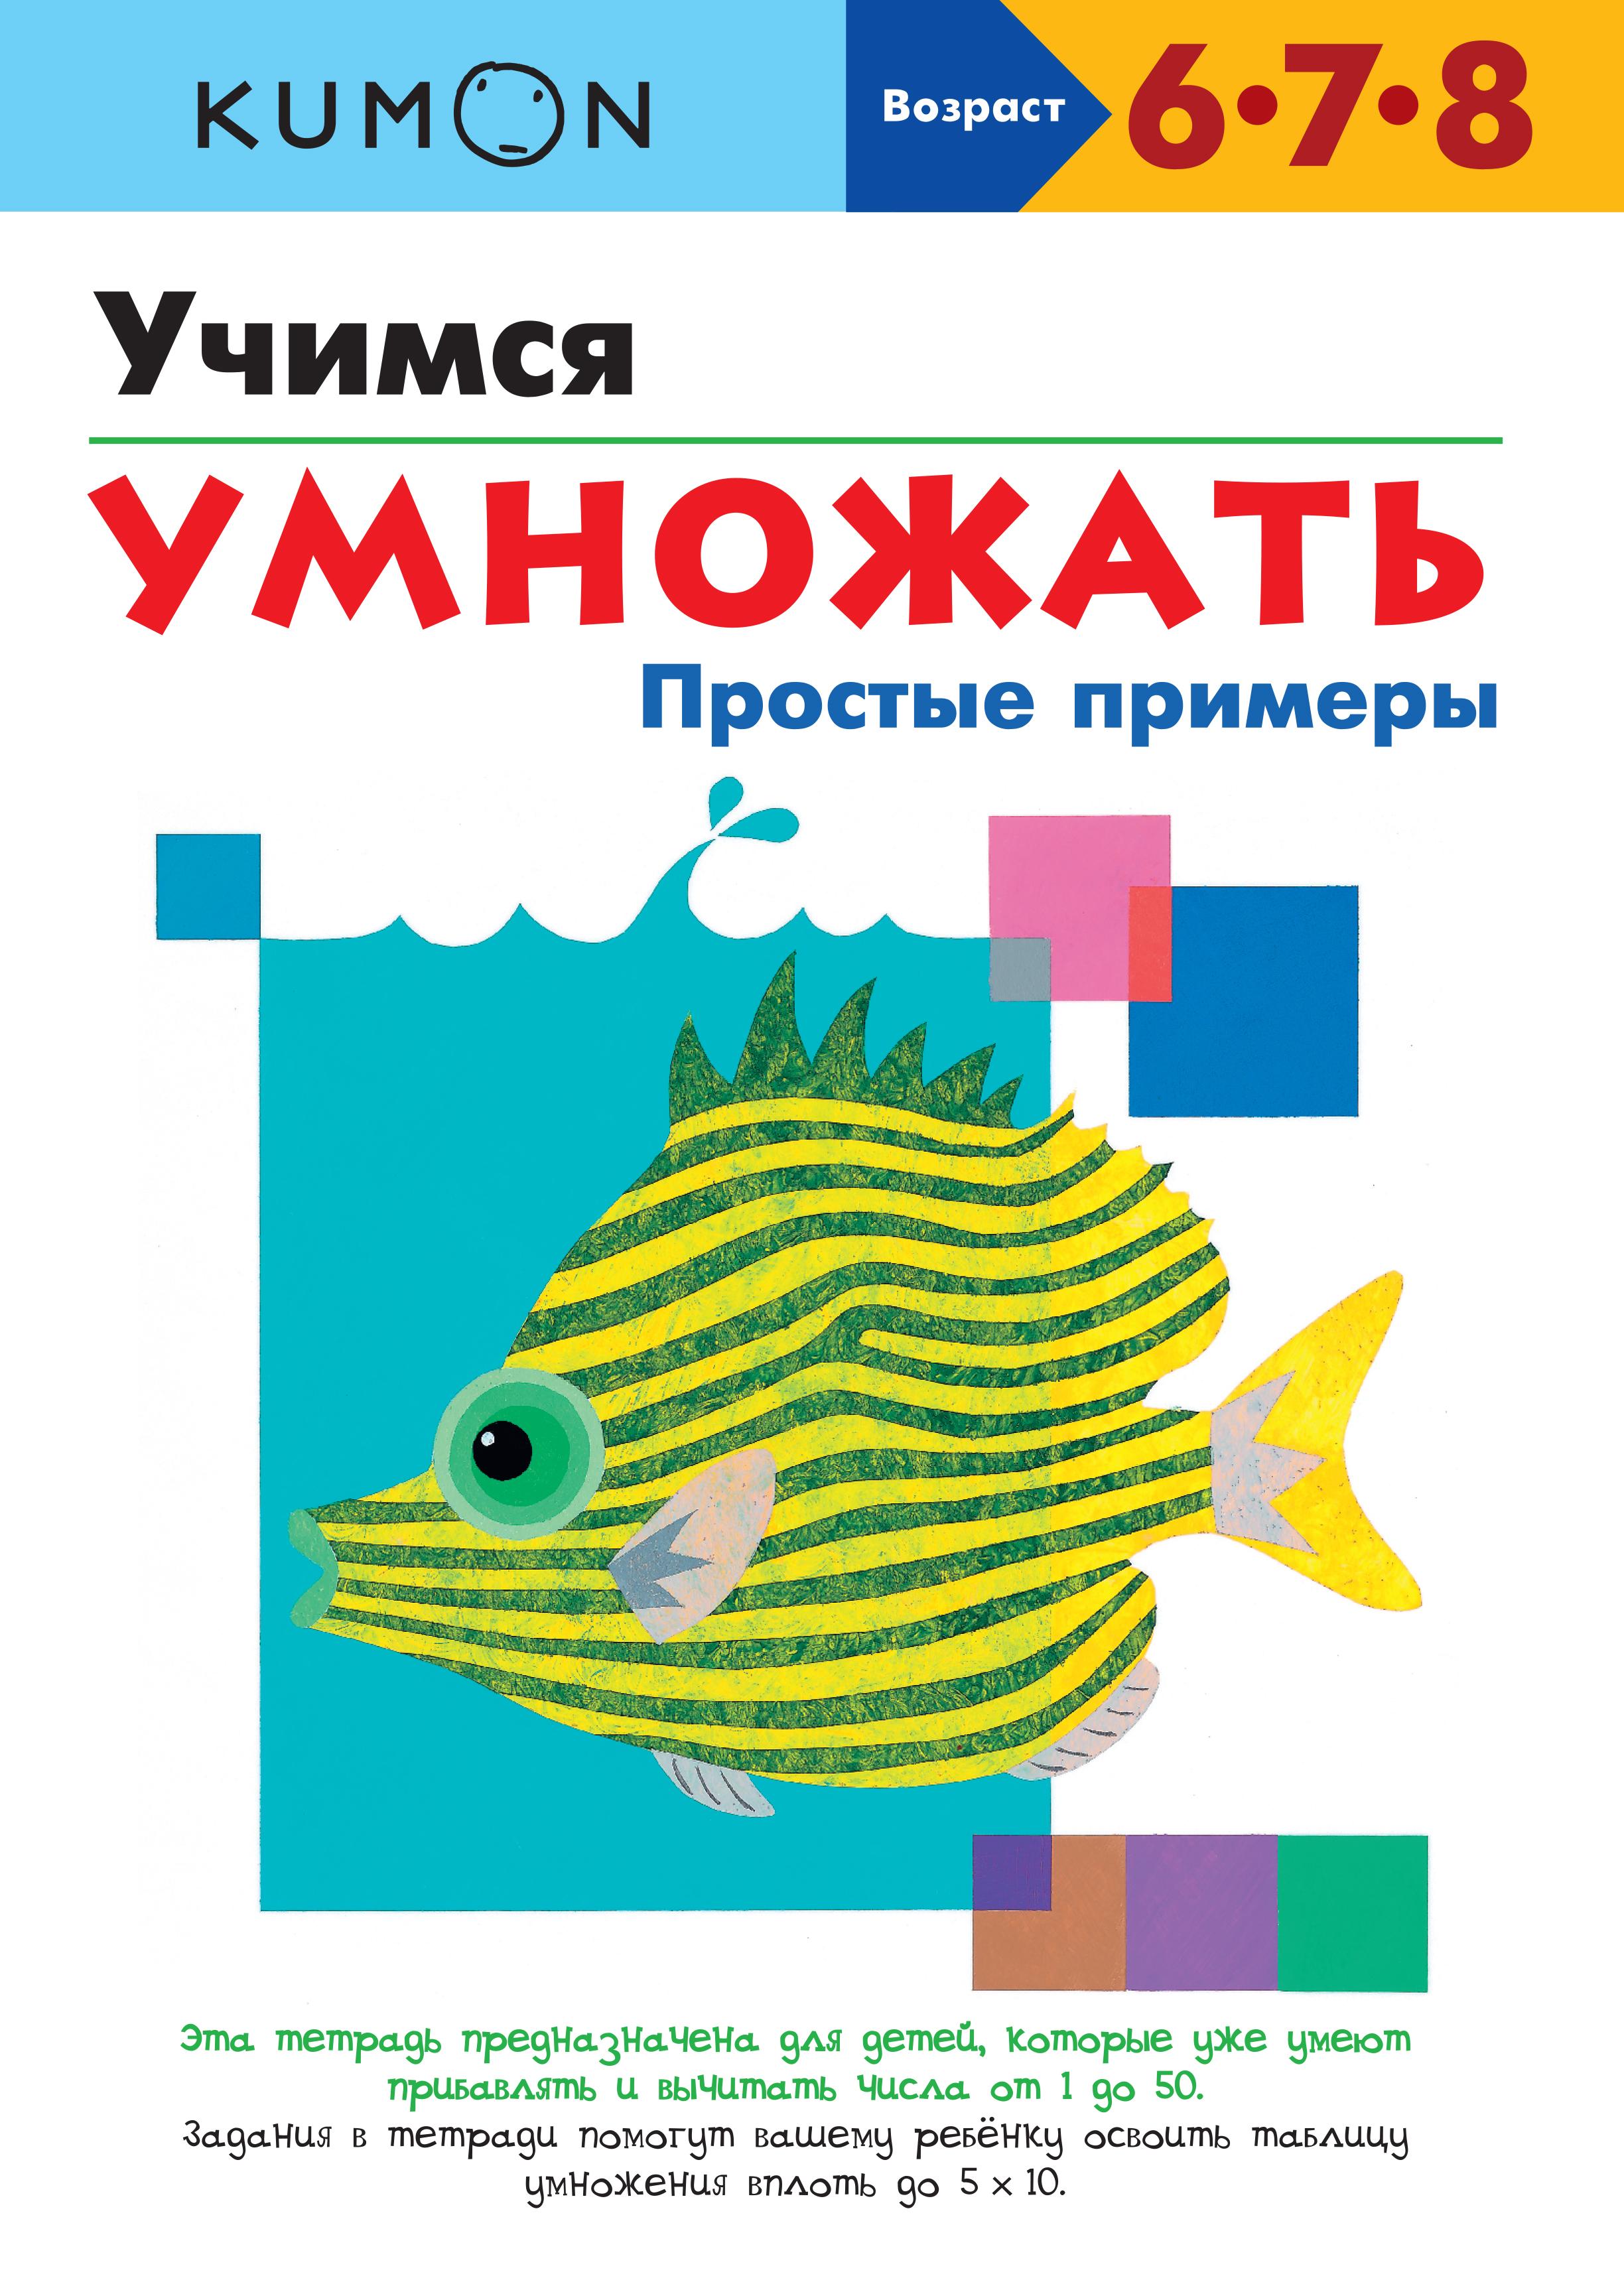 Купить Kumon. Учимся Умножать. простые примеры, Манн, Иванов и Фербер, Книги по обучению и развитию детей